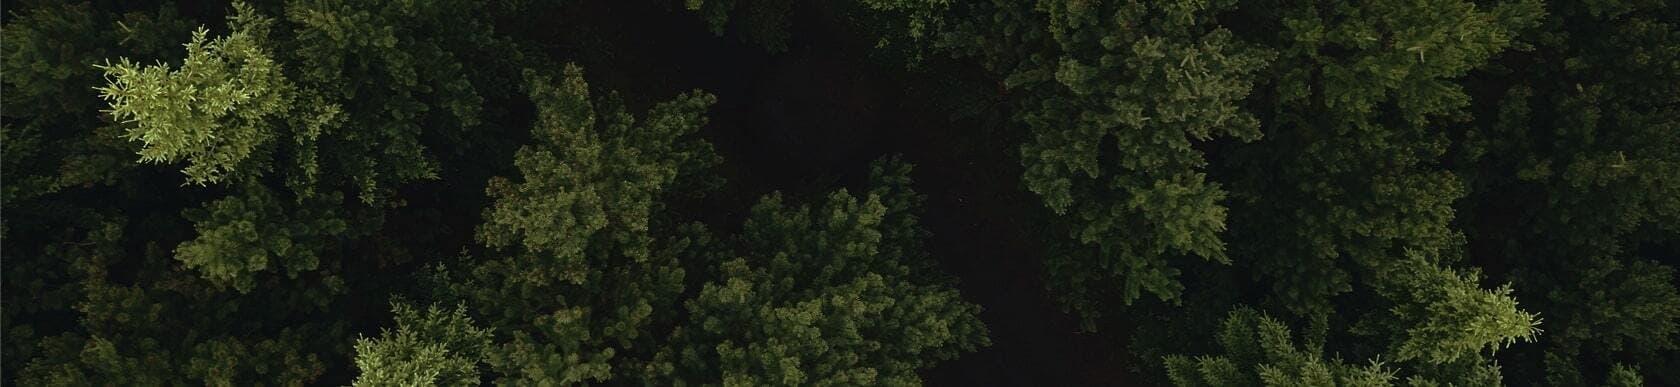 Tannenwald von oben Teaser Image